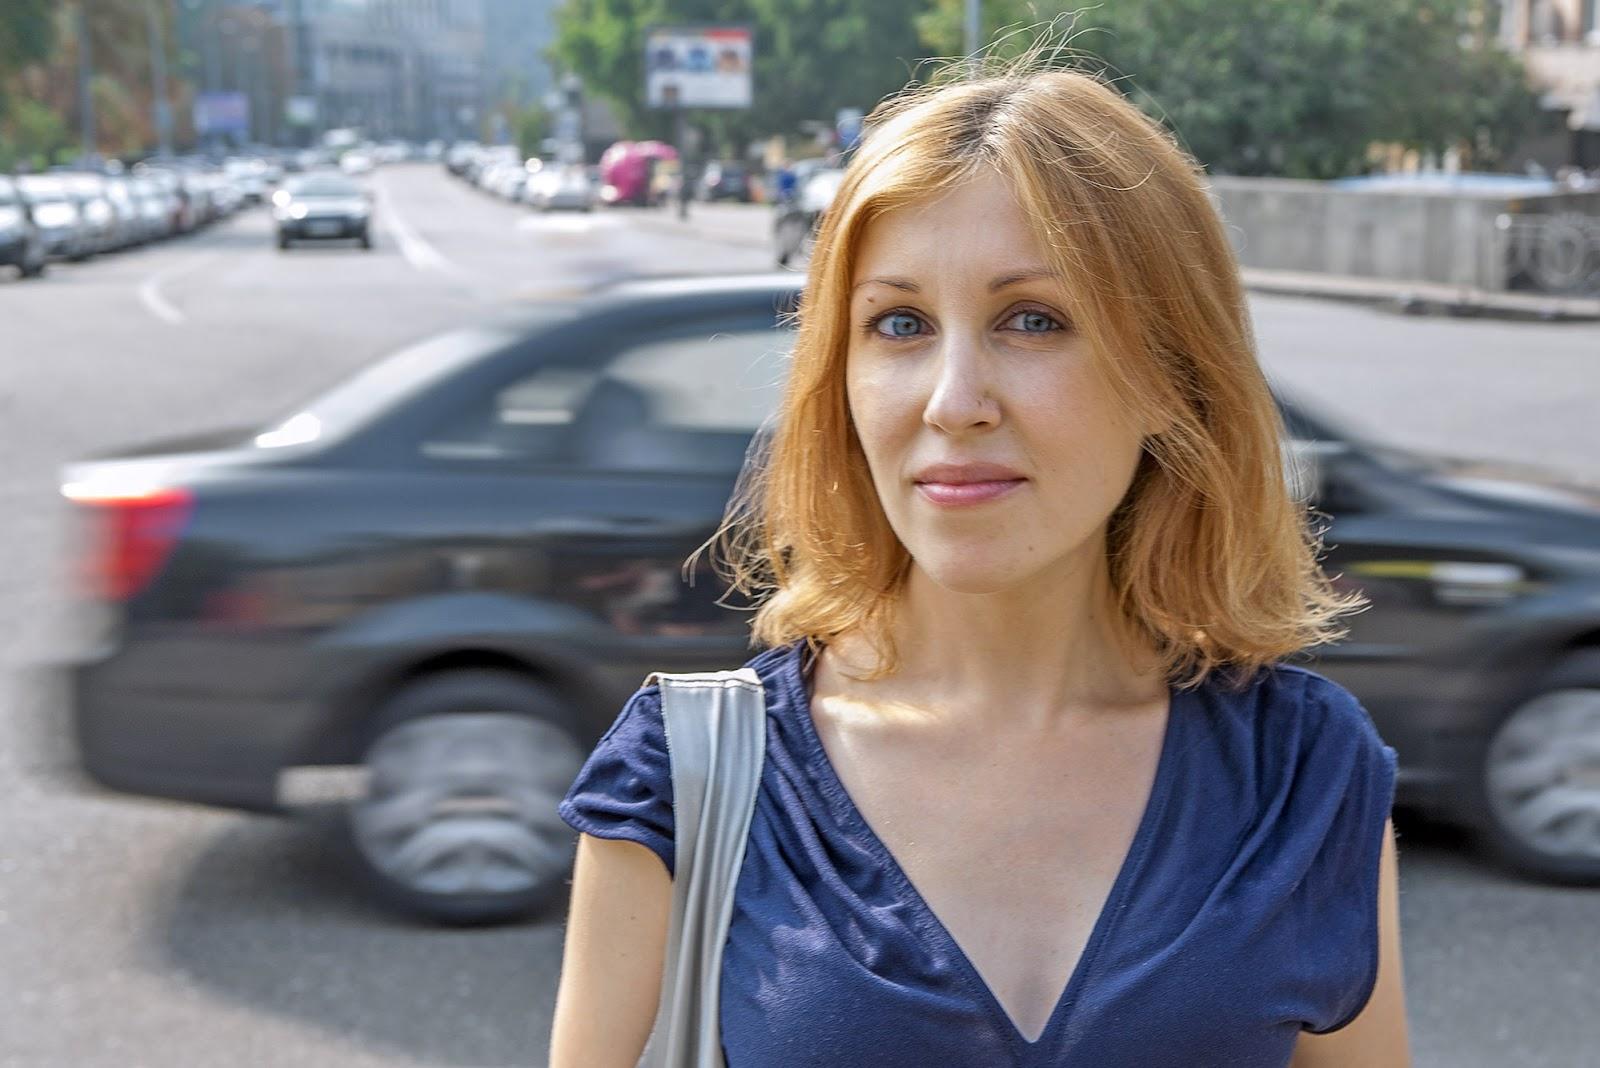 ЖЕРТВА ГАЗЕЛИ: Три месяца назад в машину, в которой ехала Наталия Пасичник, врезалась Газель. Водителя-нарушителя не нашли до сих пор